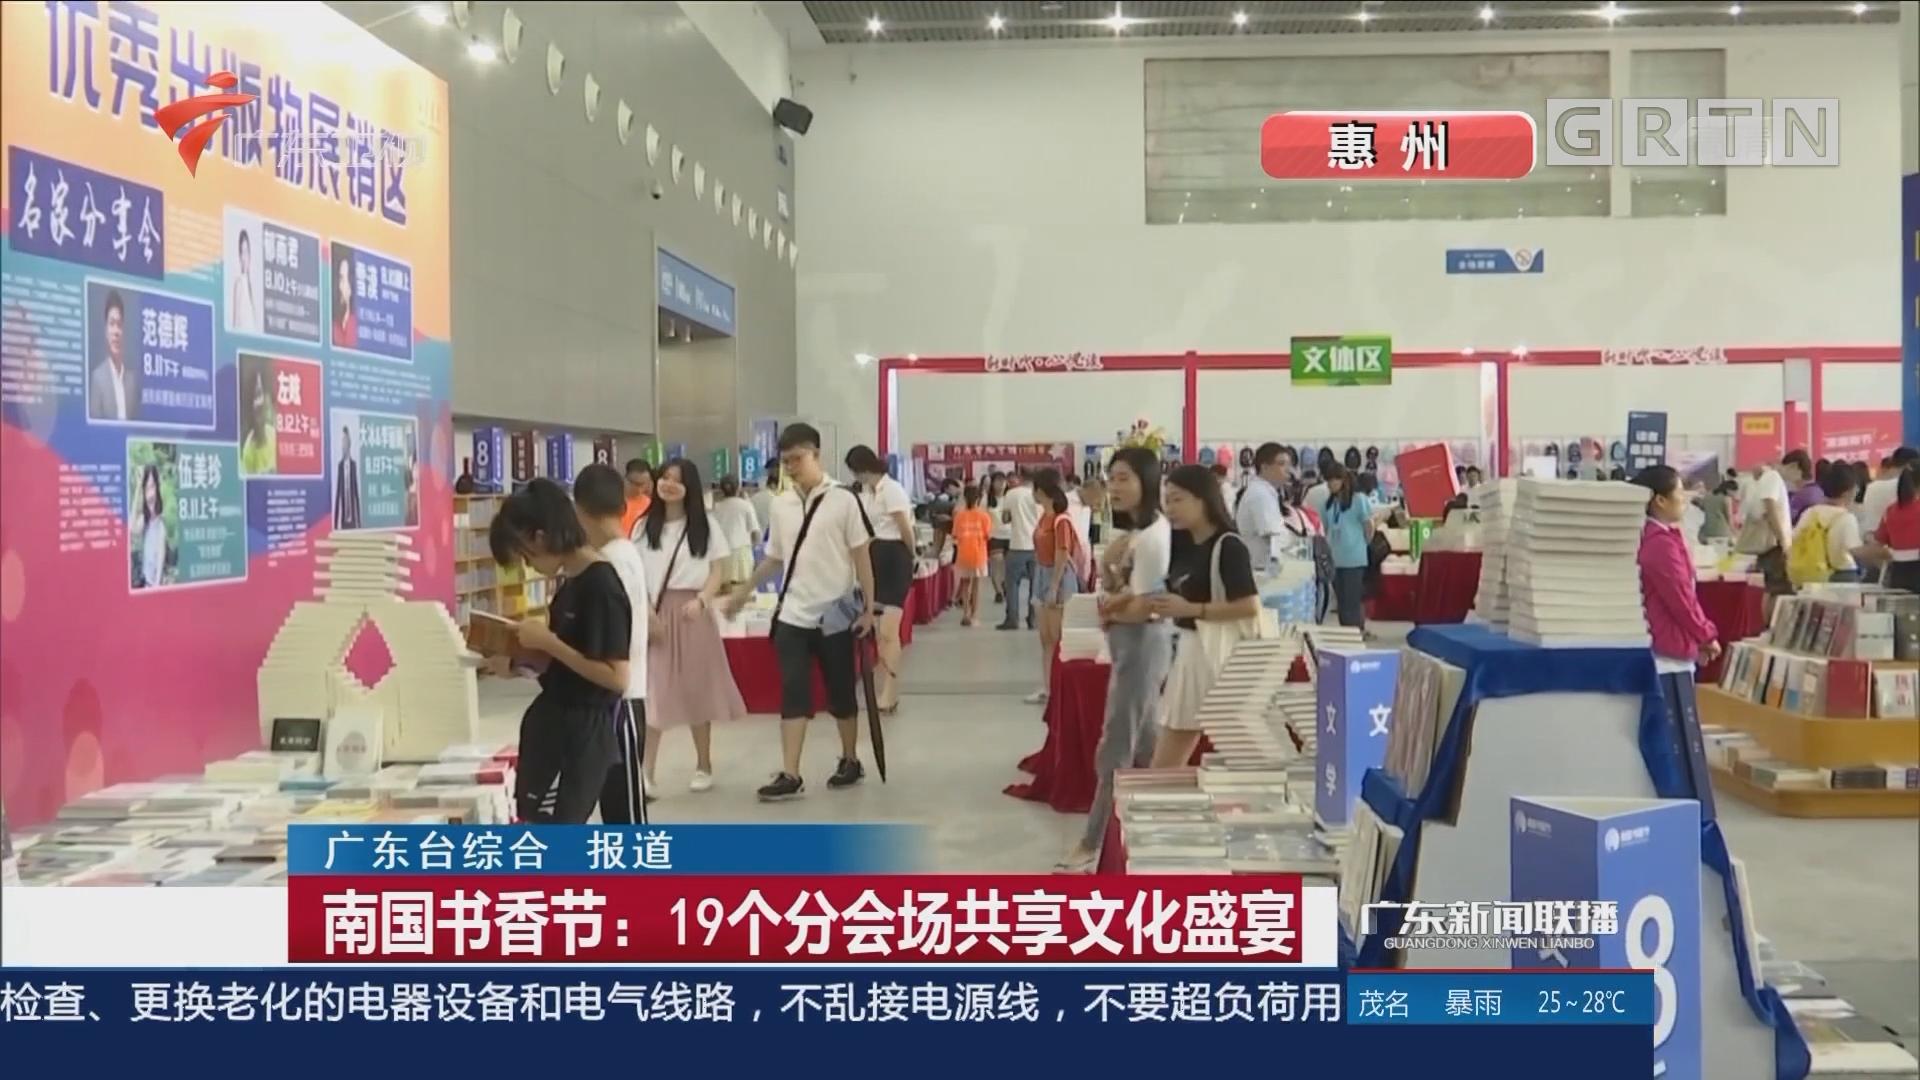 南国书香节:19个分会场共享文化盛宴